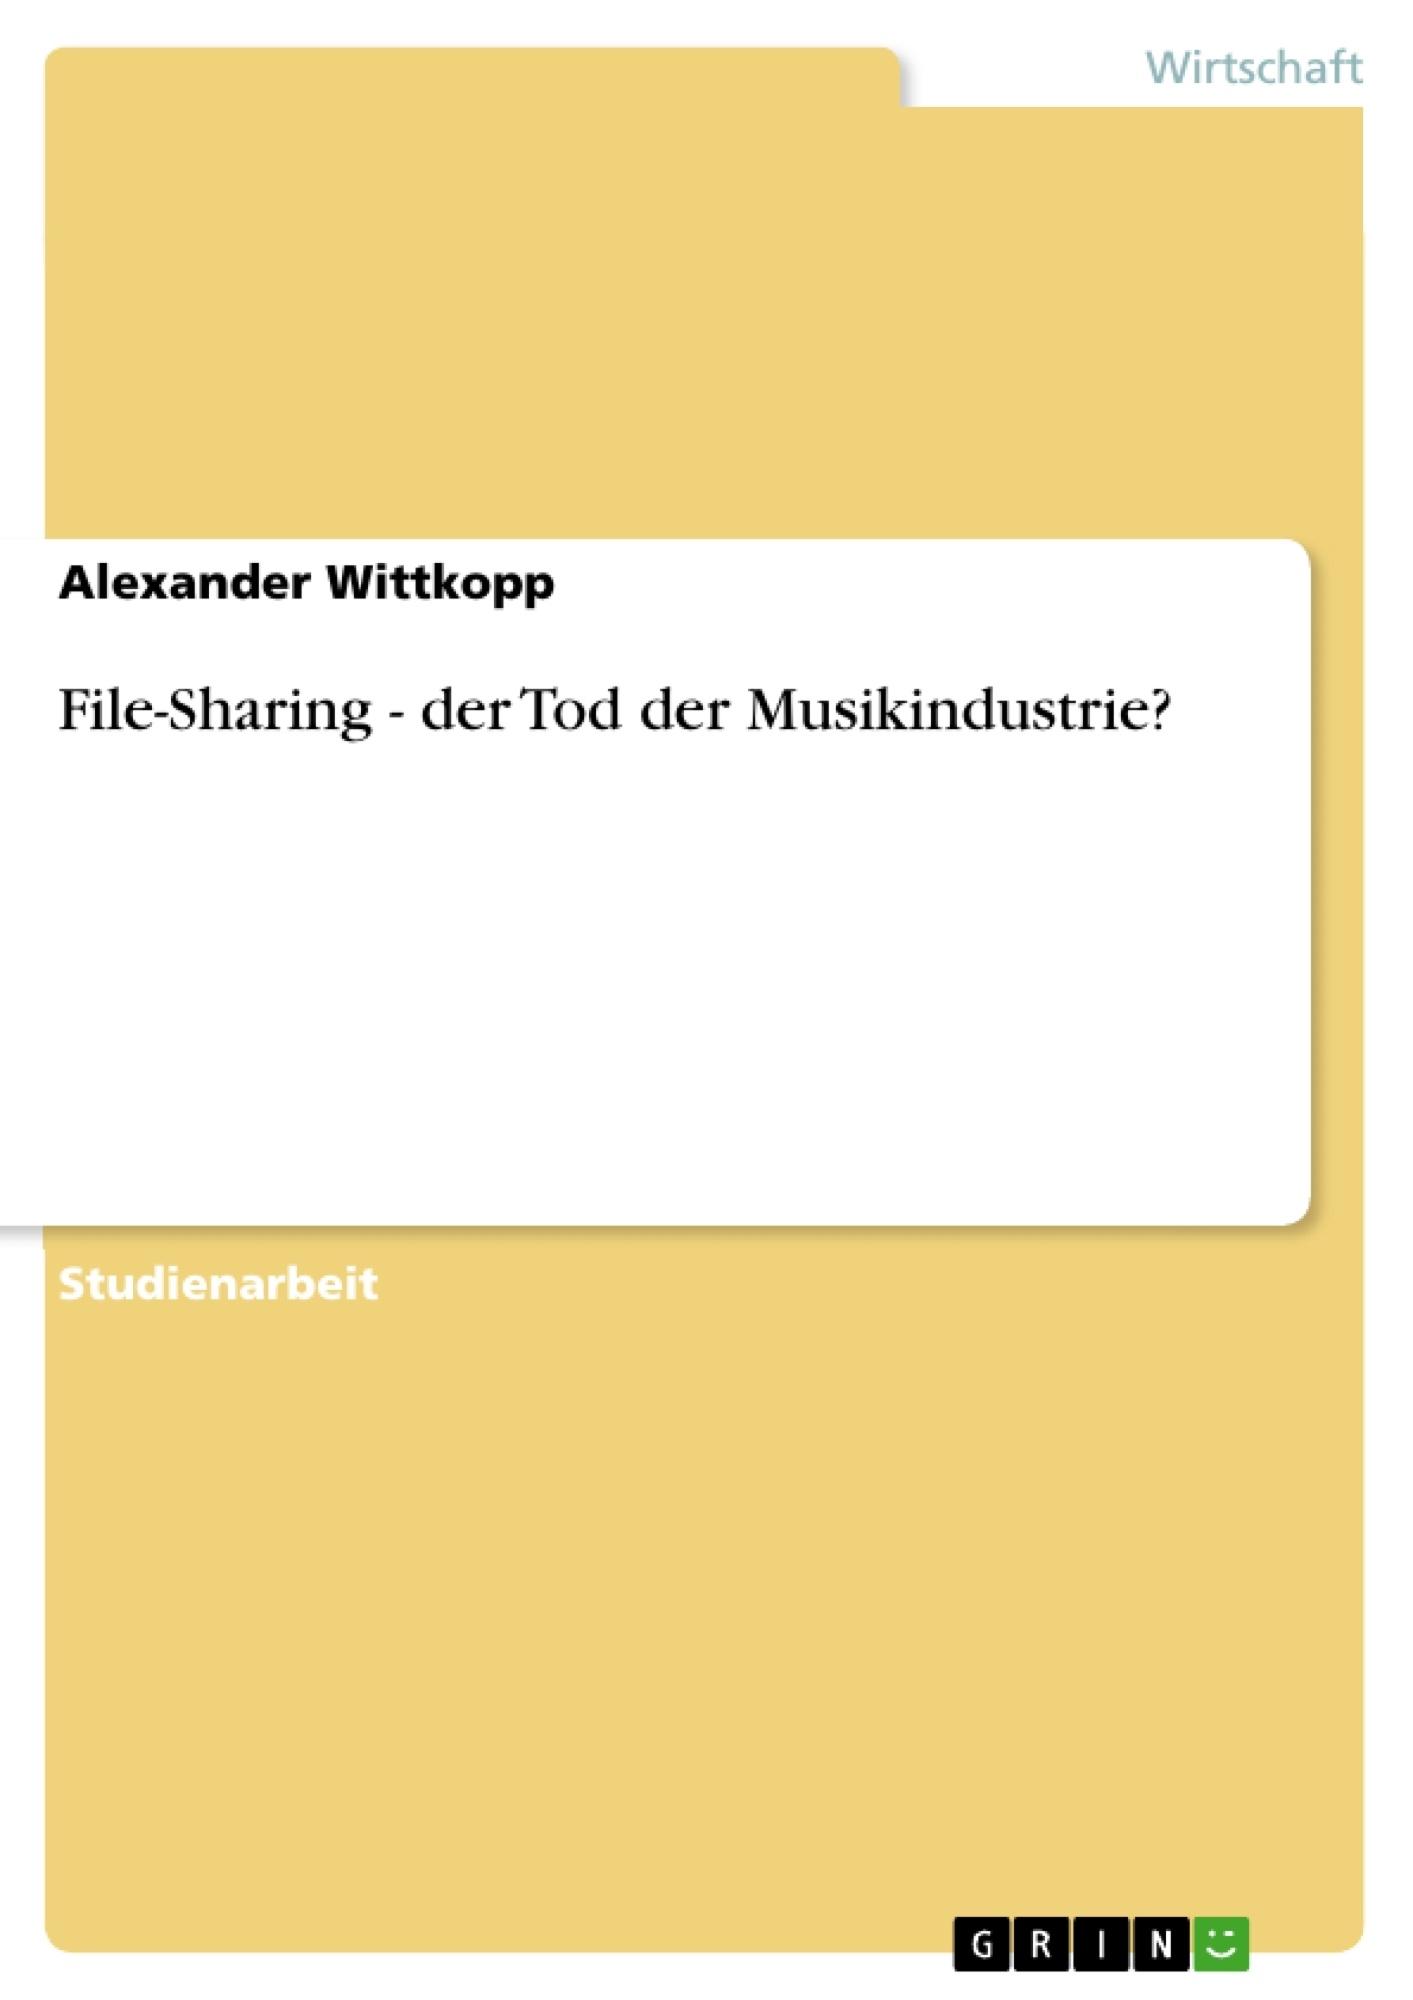 Titel: File-Sharing - der Tod der Musikindustrie?